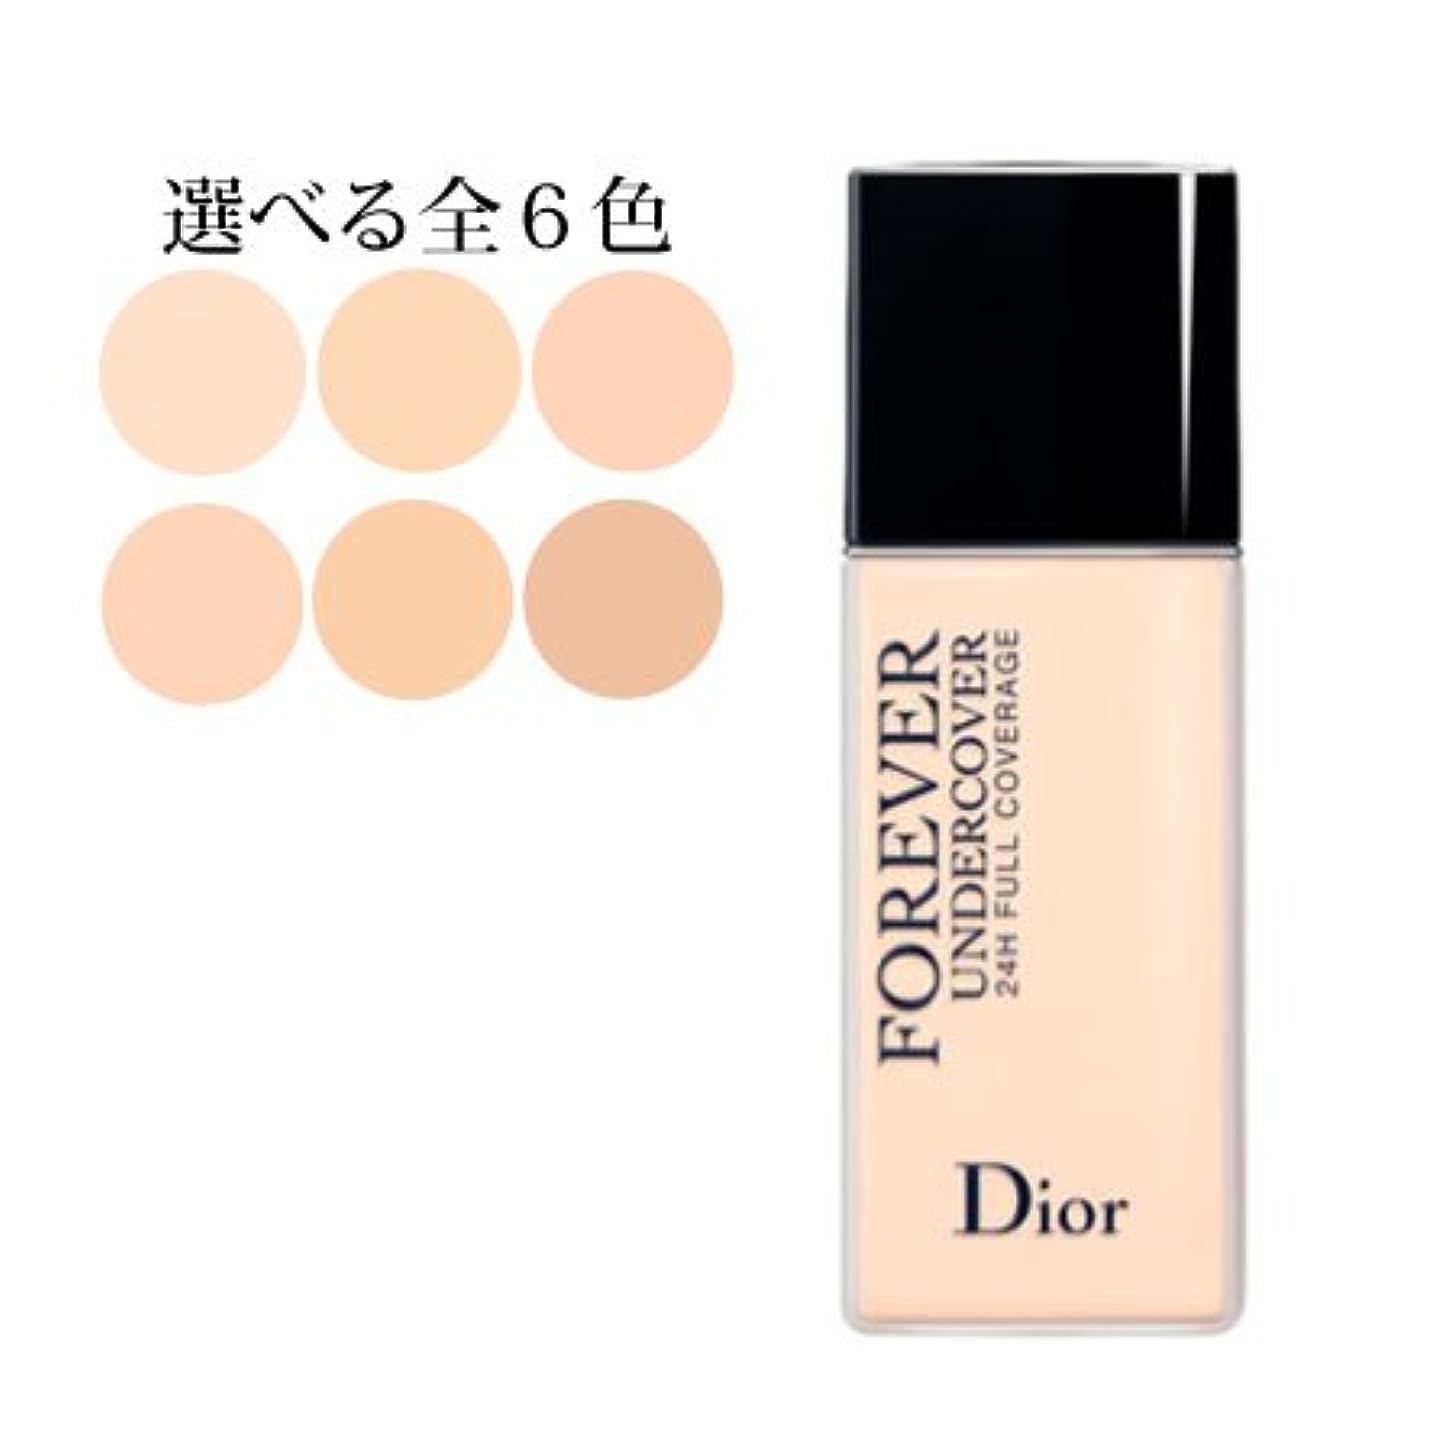 ロケット縮約部門ディオールスキン フォーエヴァー アンダーカバー 選べる6色 -Dior- 011